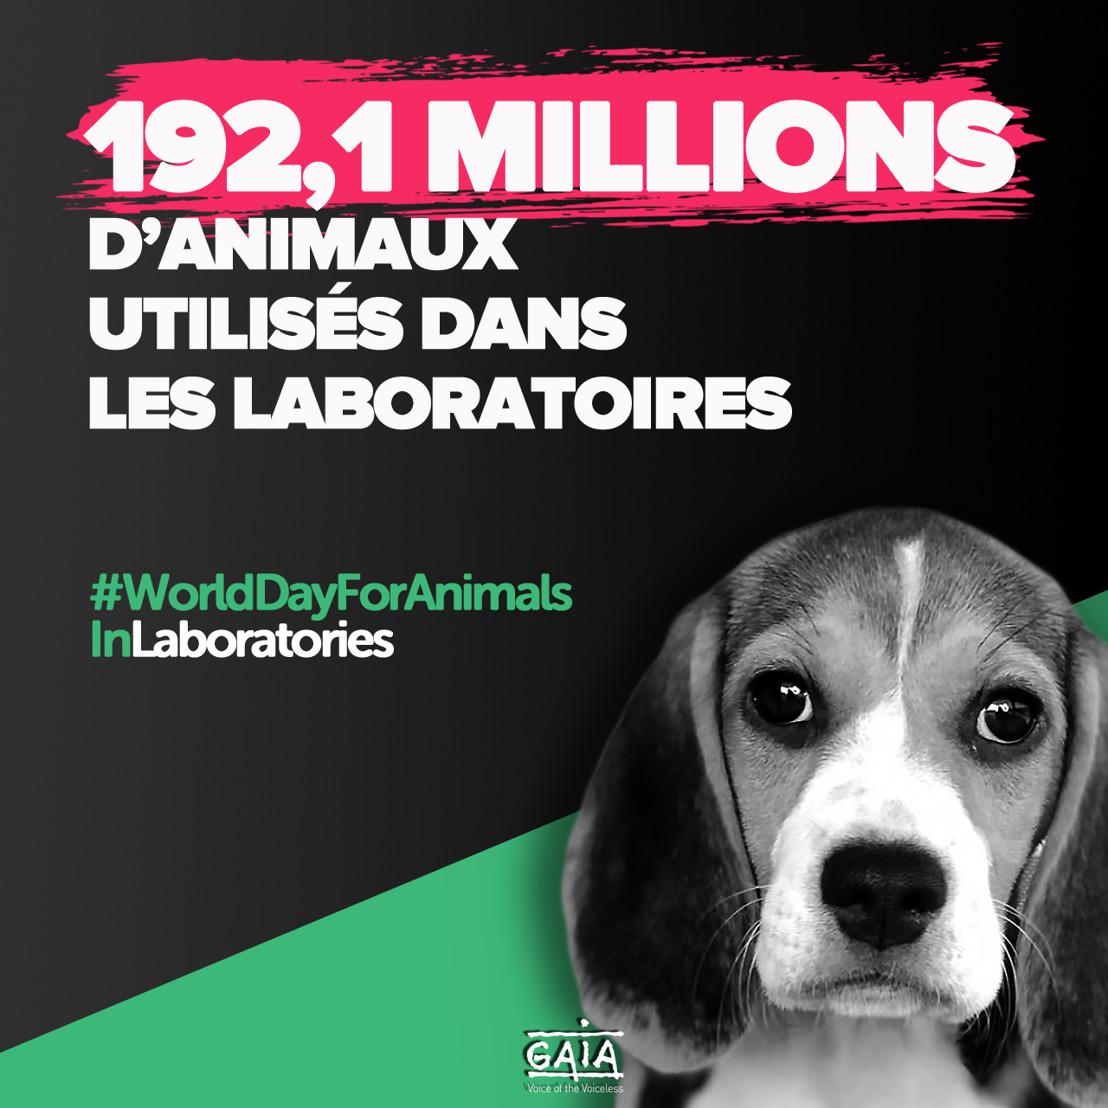 COMMUNIQUÉ DE PRESSE // Nouveaux chiffres : 192,1 millions d'animaux utilisés dans les laboratoires